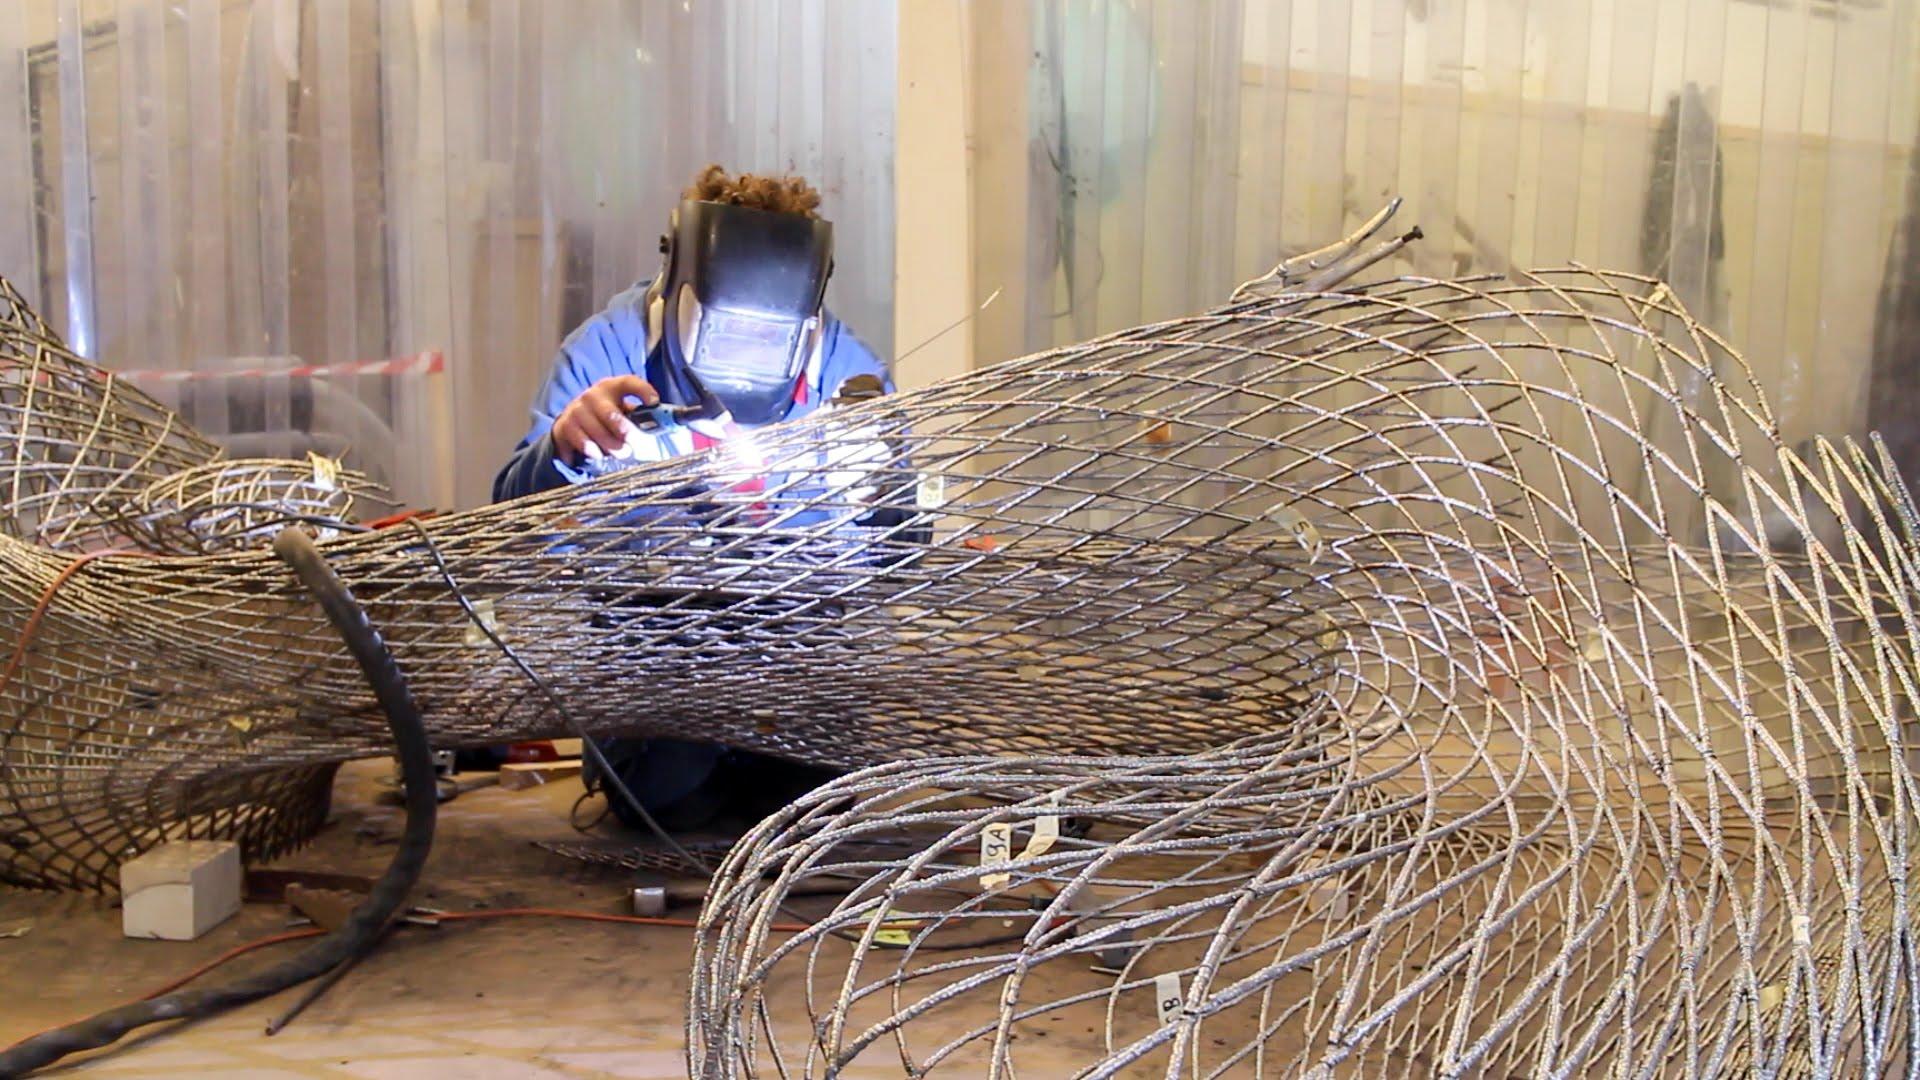 3D printing barcelona and mexico, curso impresion 3d barcelona mexico, Design Miami, diseño parametrico barcelona mexico